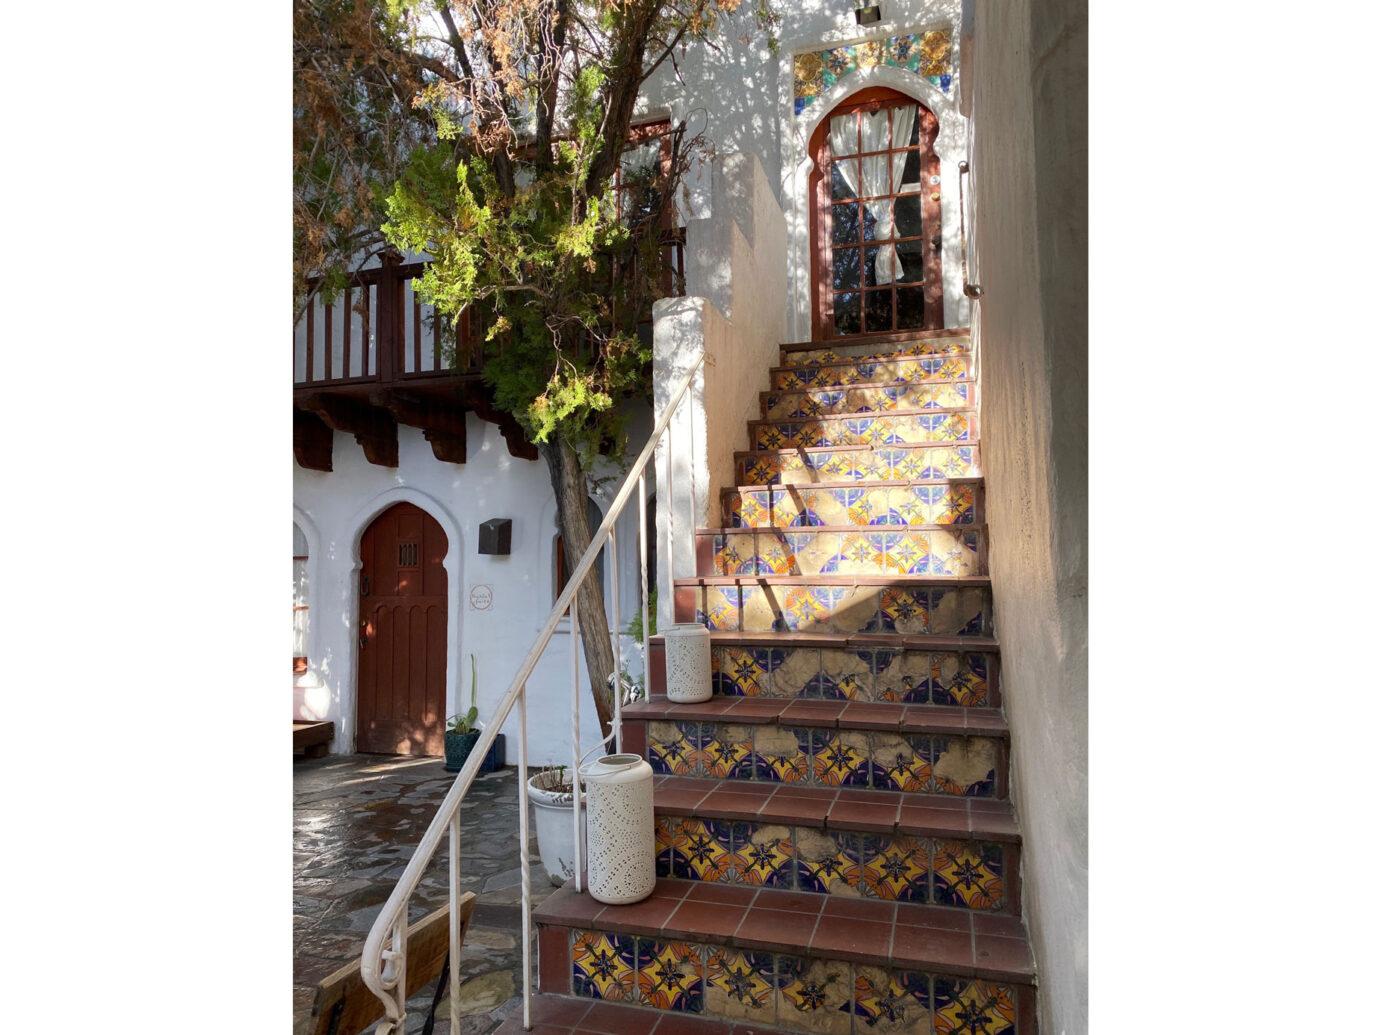 Korakia Pensione Staircase